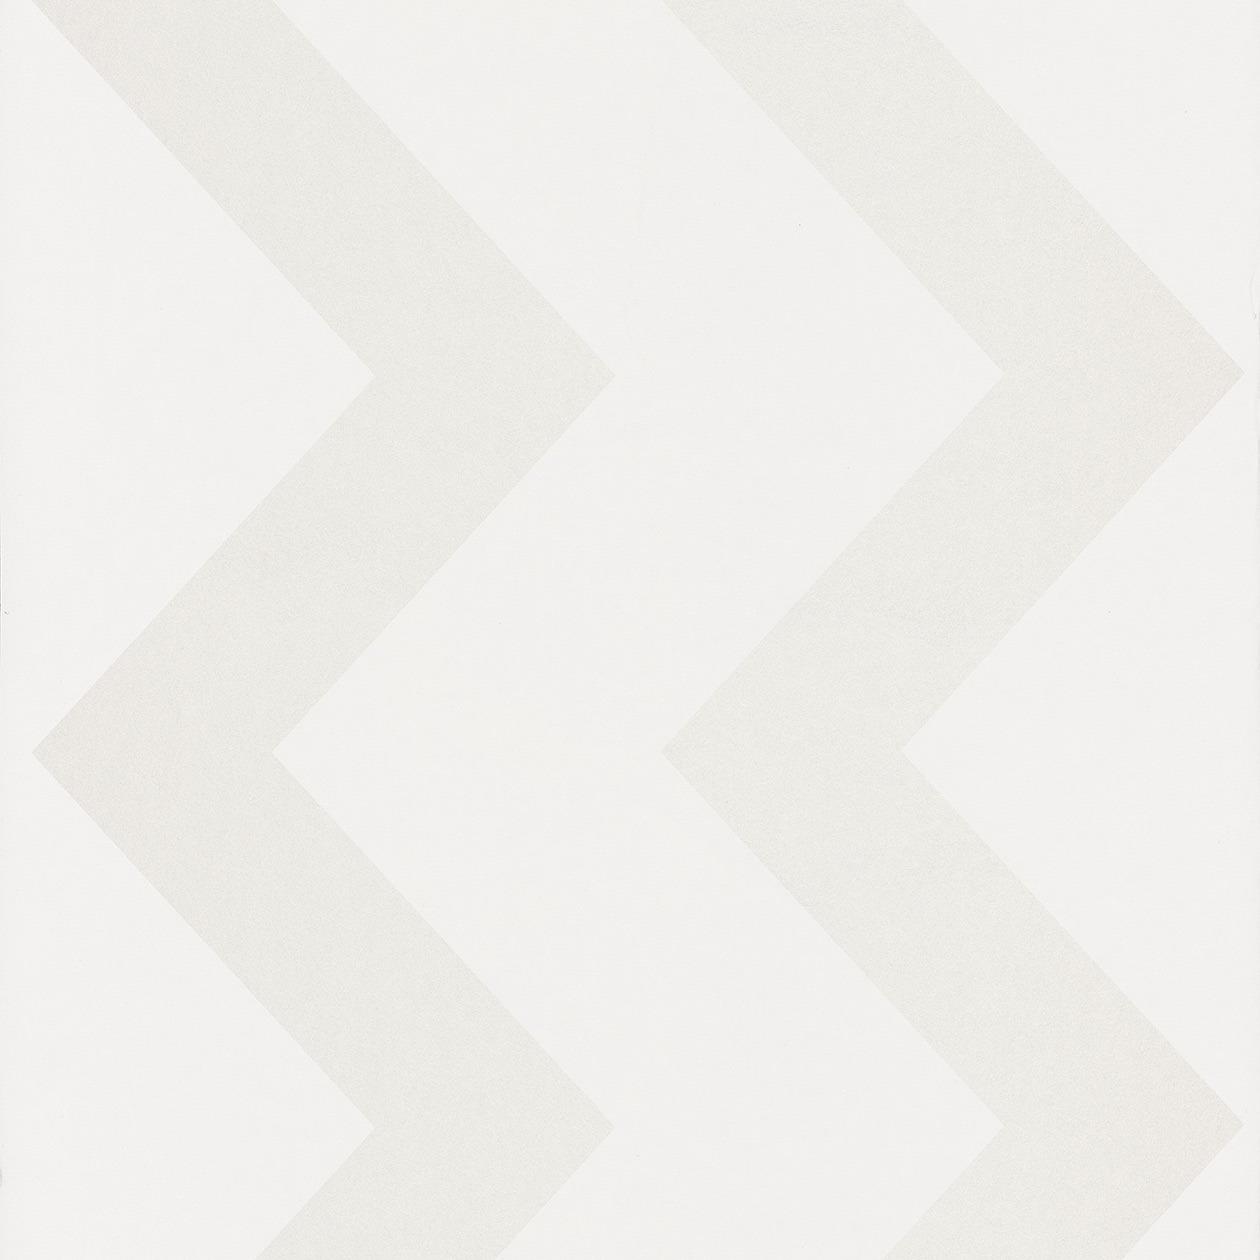 Французские обои Caselio,  коллекция Shades, артикулSHA67760046